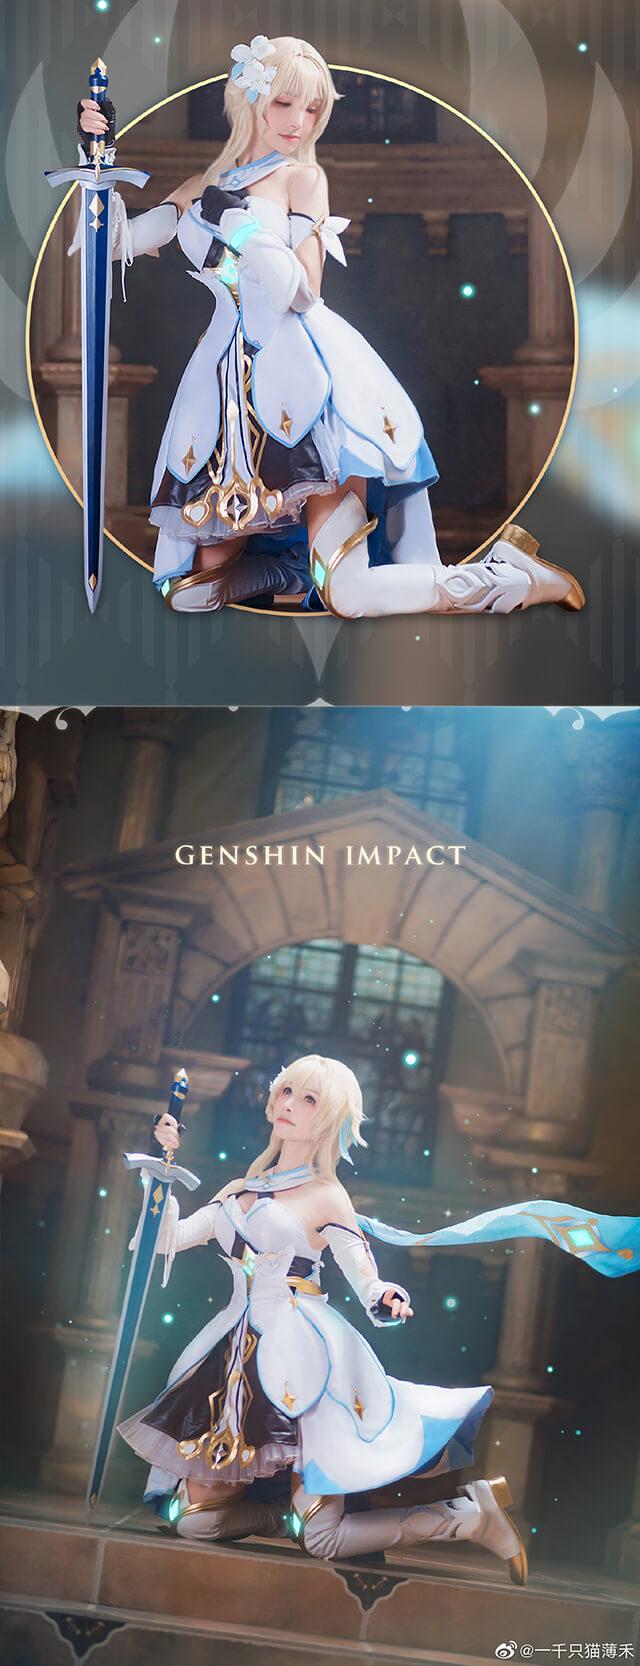 Nóng bỏng tay với bộ ảnh cosplay Lumine trong Genshin Impact - Game thế giới mở hot nhất hiện nay - Ảnh 6.